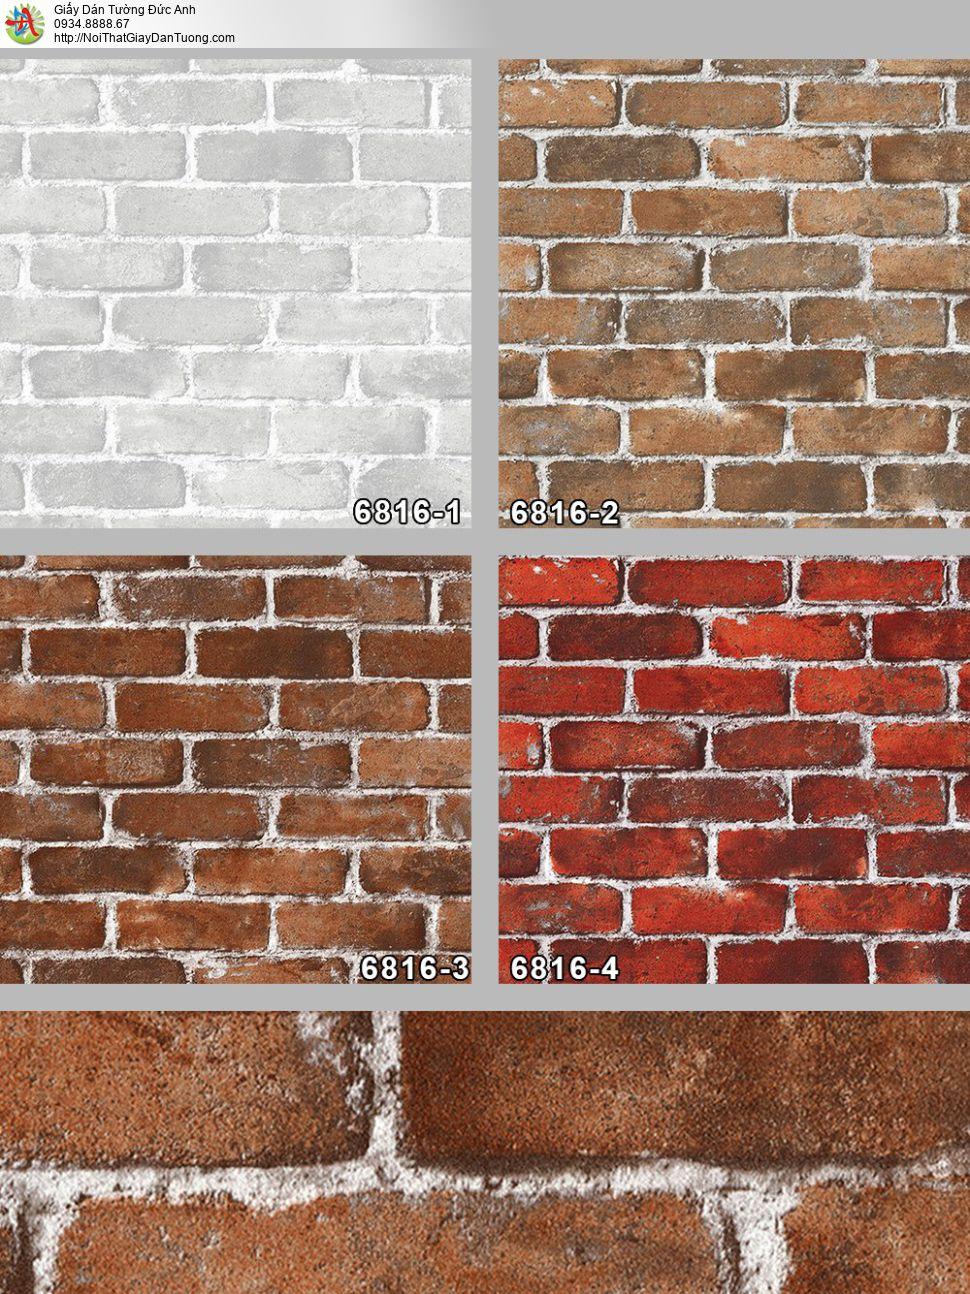 Albany 6816-3, Giấy dán tường giả gạch mà đỏ, giấy giả gạch 3D mới hiện đại